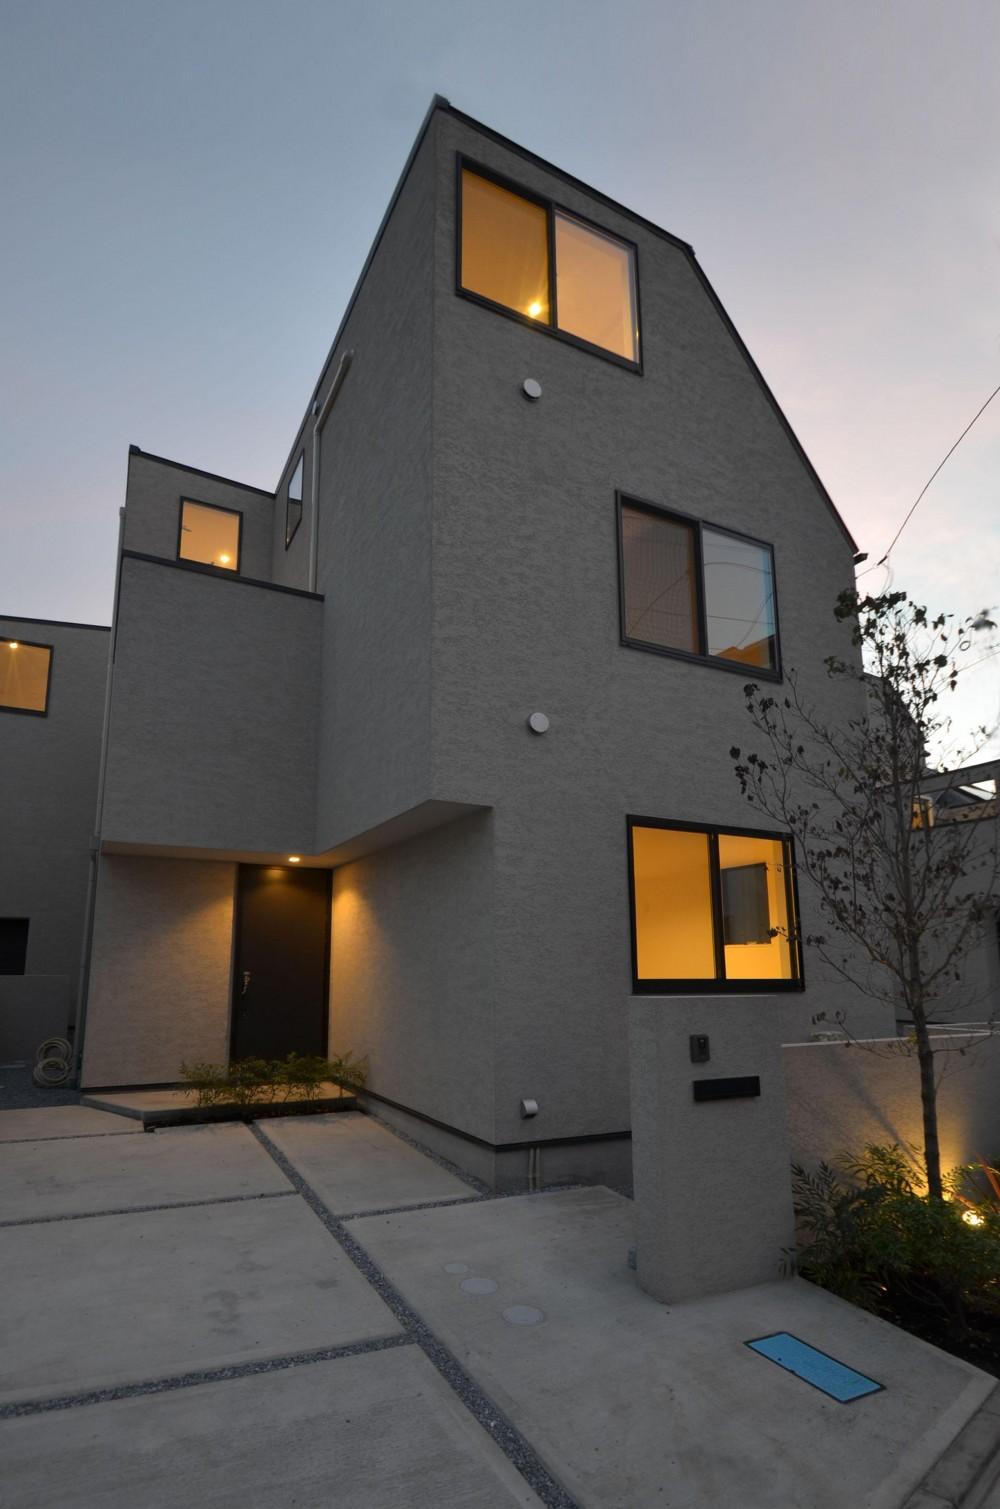 中村プロジェクト-注文住宅同様に丁寧につくりあげた5棟の建売住宅- (C棟外観)